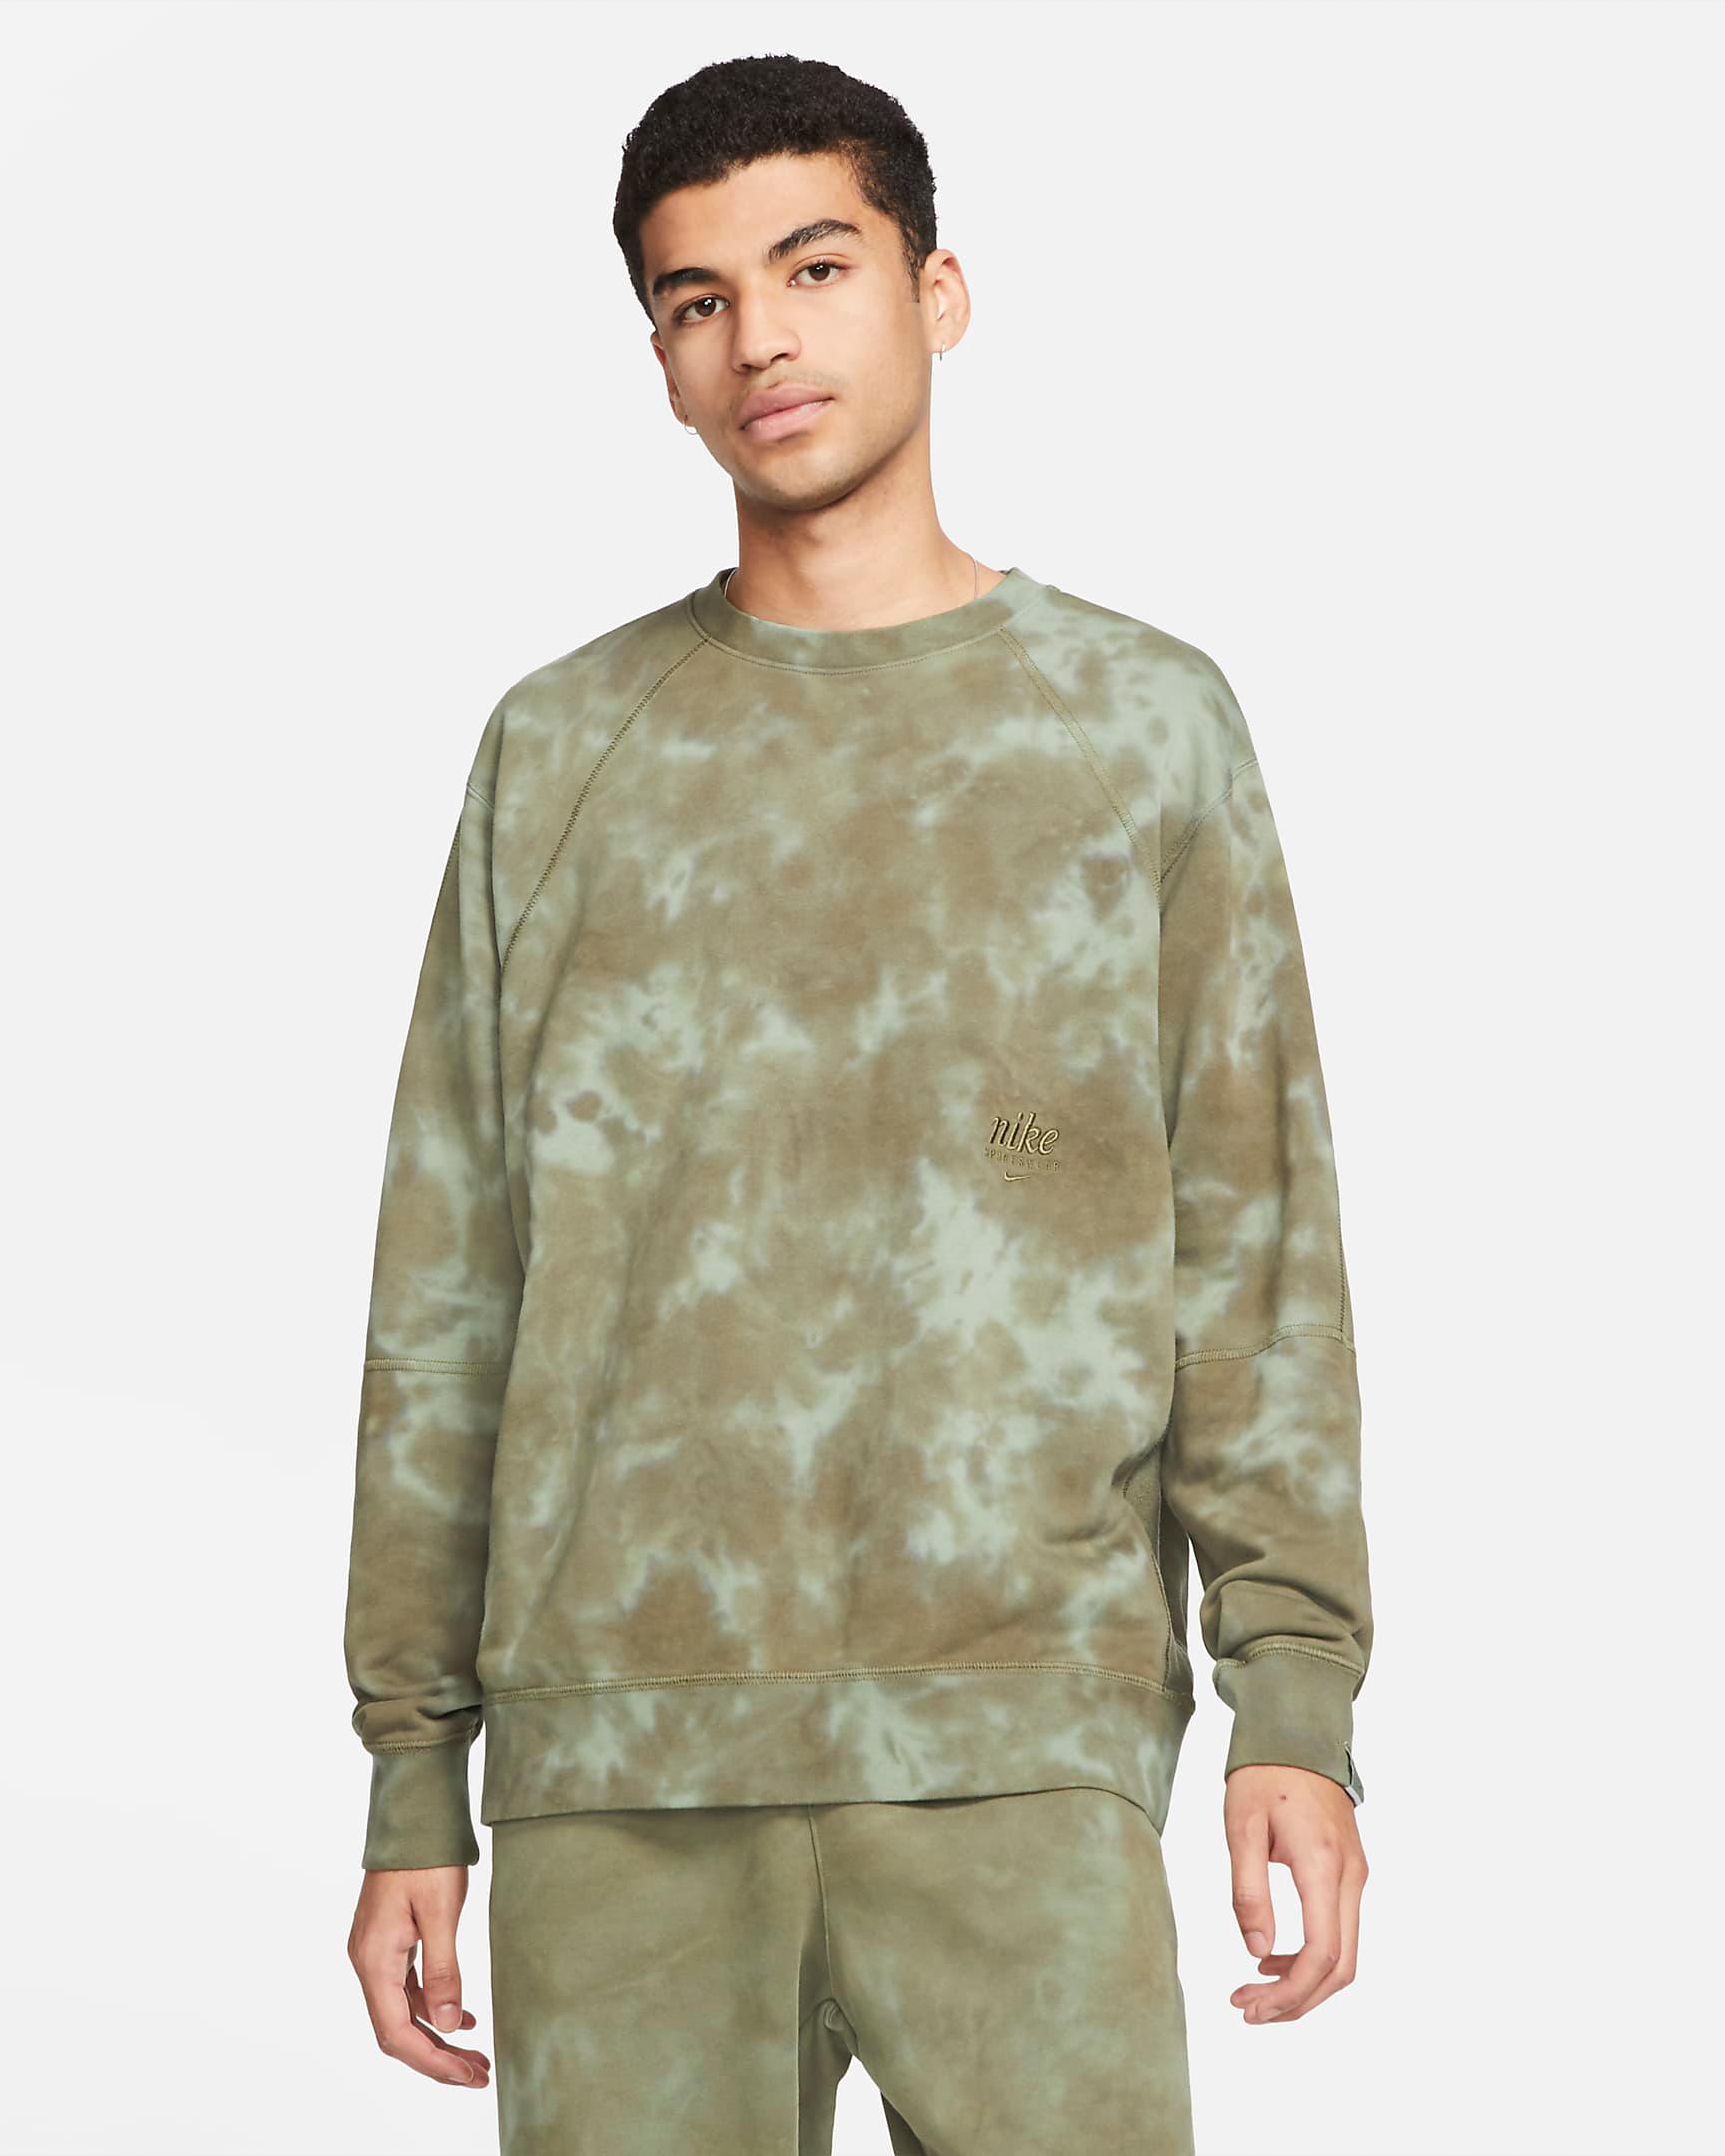 nike-club-fleece-tie-dye-sweatshirt-green-1